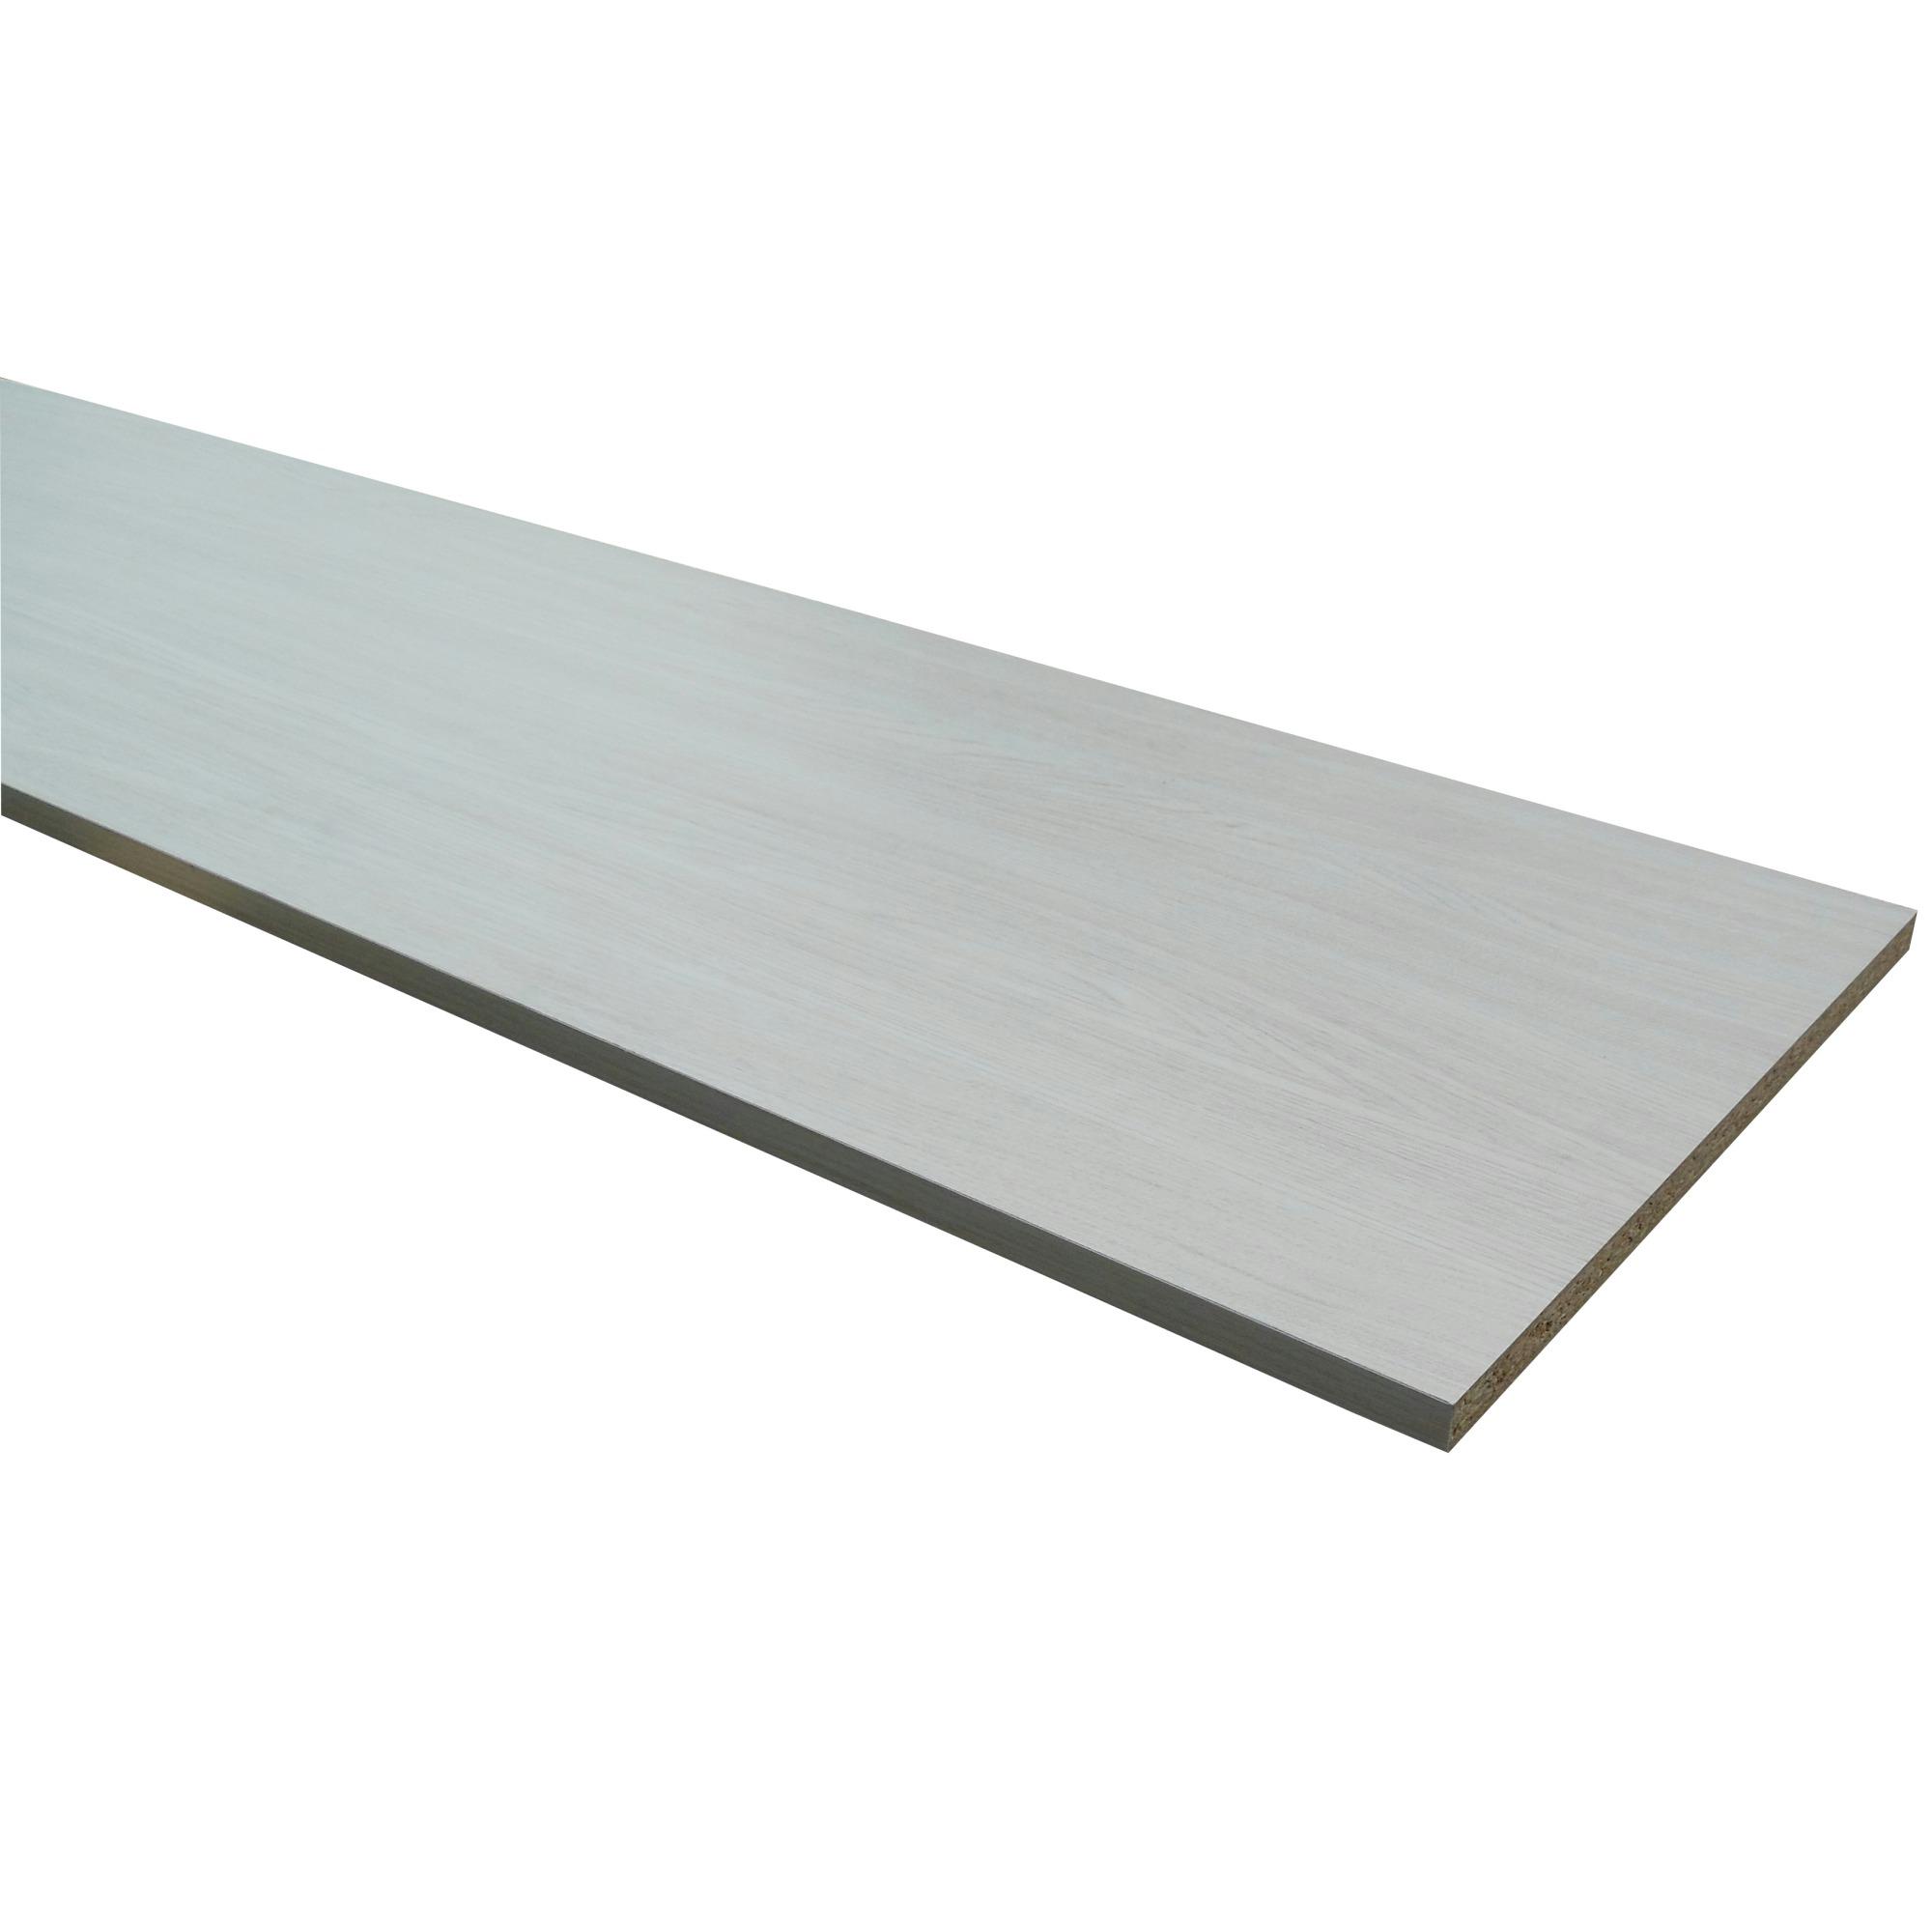 panneau de meuble pefc 18 mm 250x40 cm ch ne blanc panneaux pour meubles panneaux pour. Black Bedroom Furniture Sets. Home Design Ideas